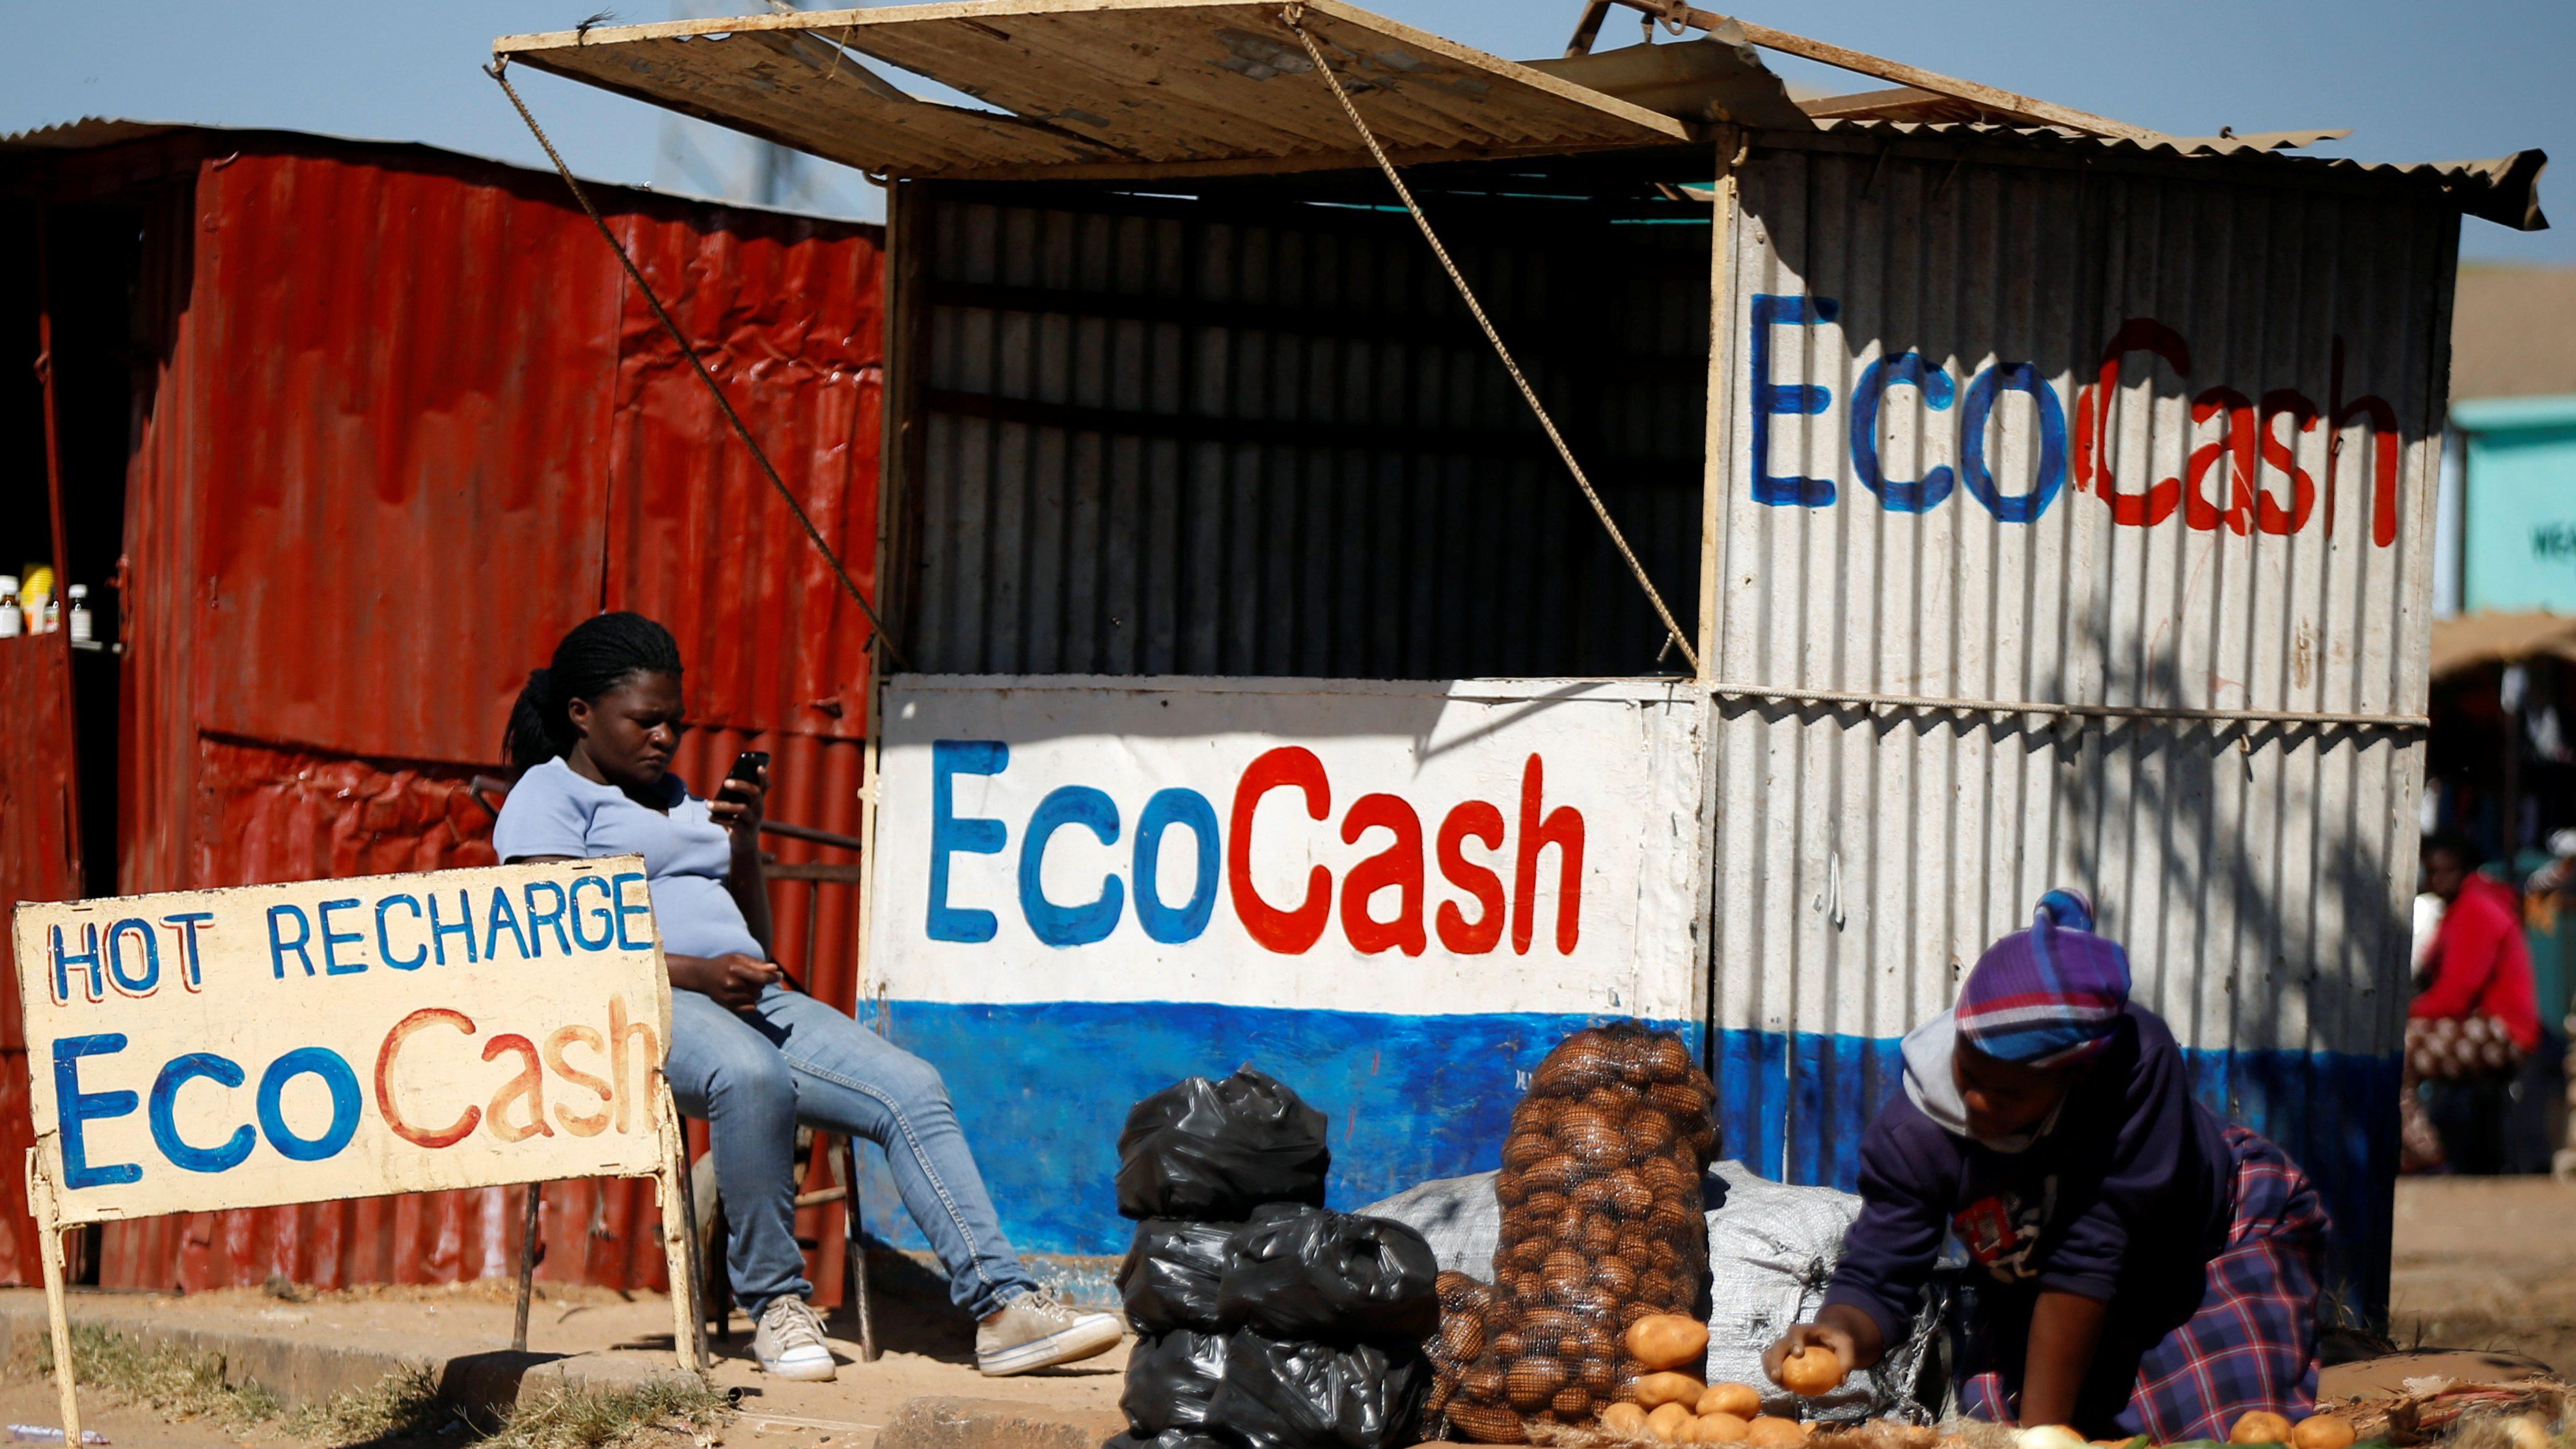 Zimbabwe power blackout hits EcoCash, vulnerable economy